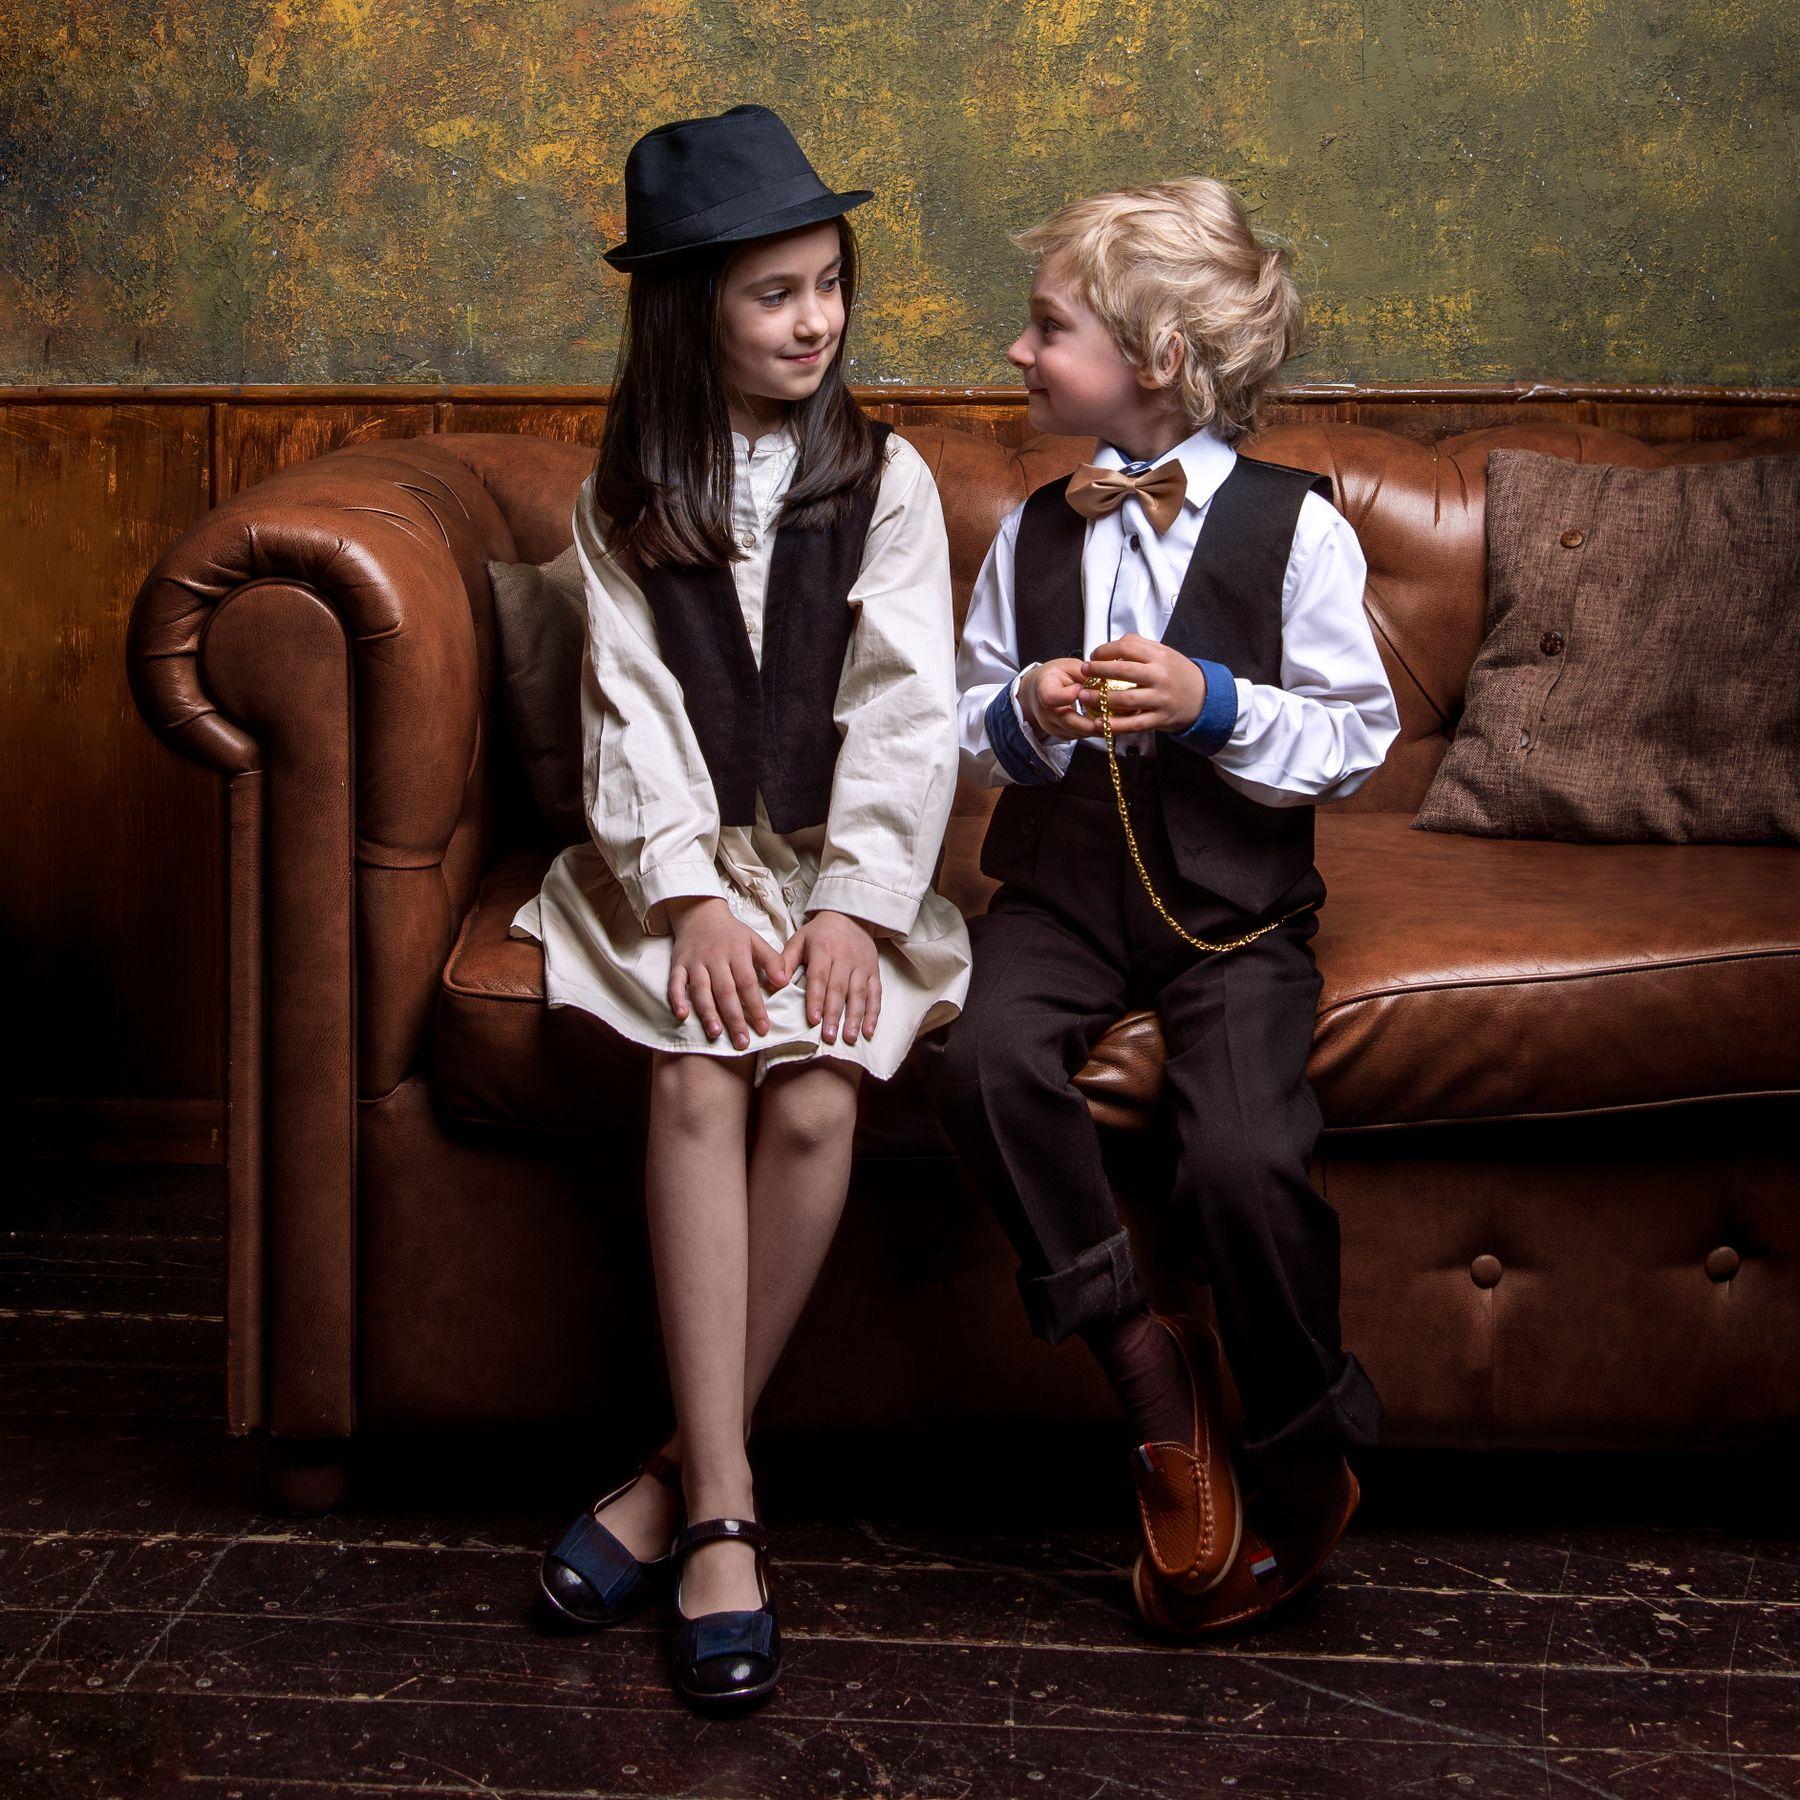 Лев и Кира Студийный портрет Арт детский фотосессия